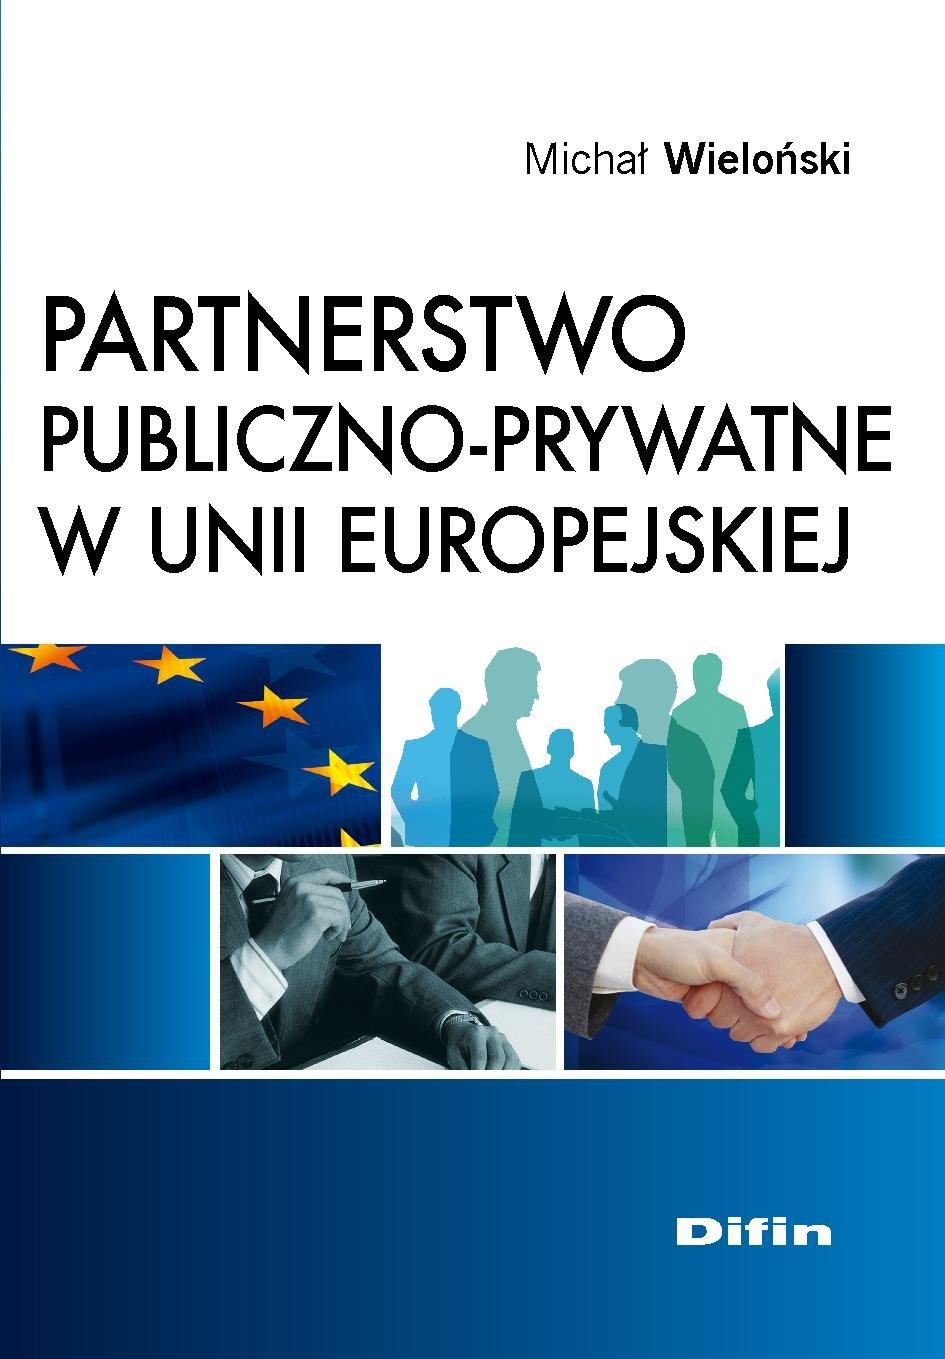 Partnerstwo publiczno-prywatne w Unii Europejskiej - Ebook (Książka PDF) do pobrania w formacie PDF